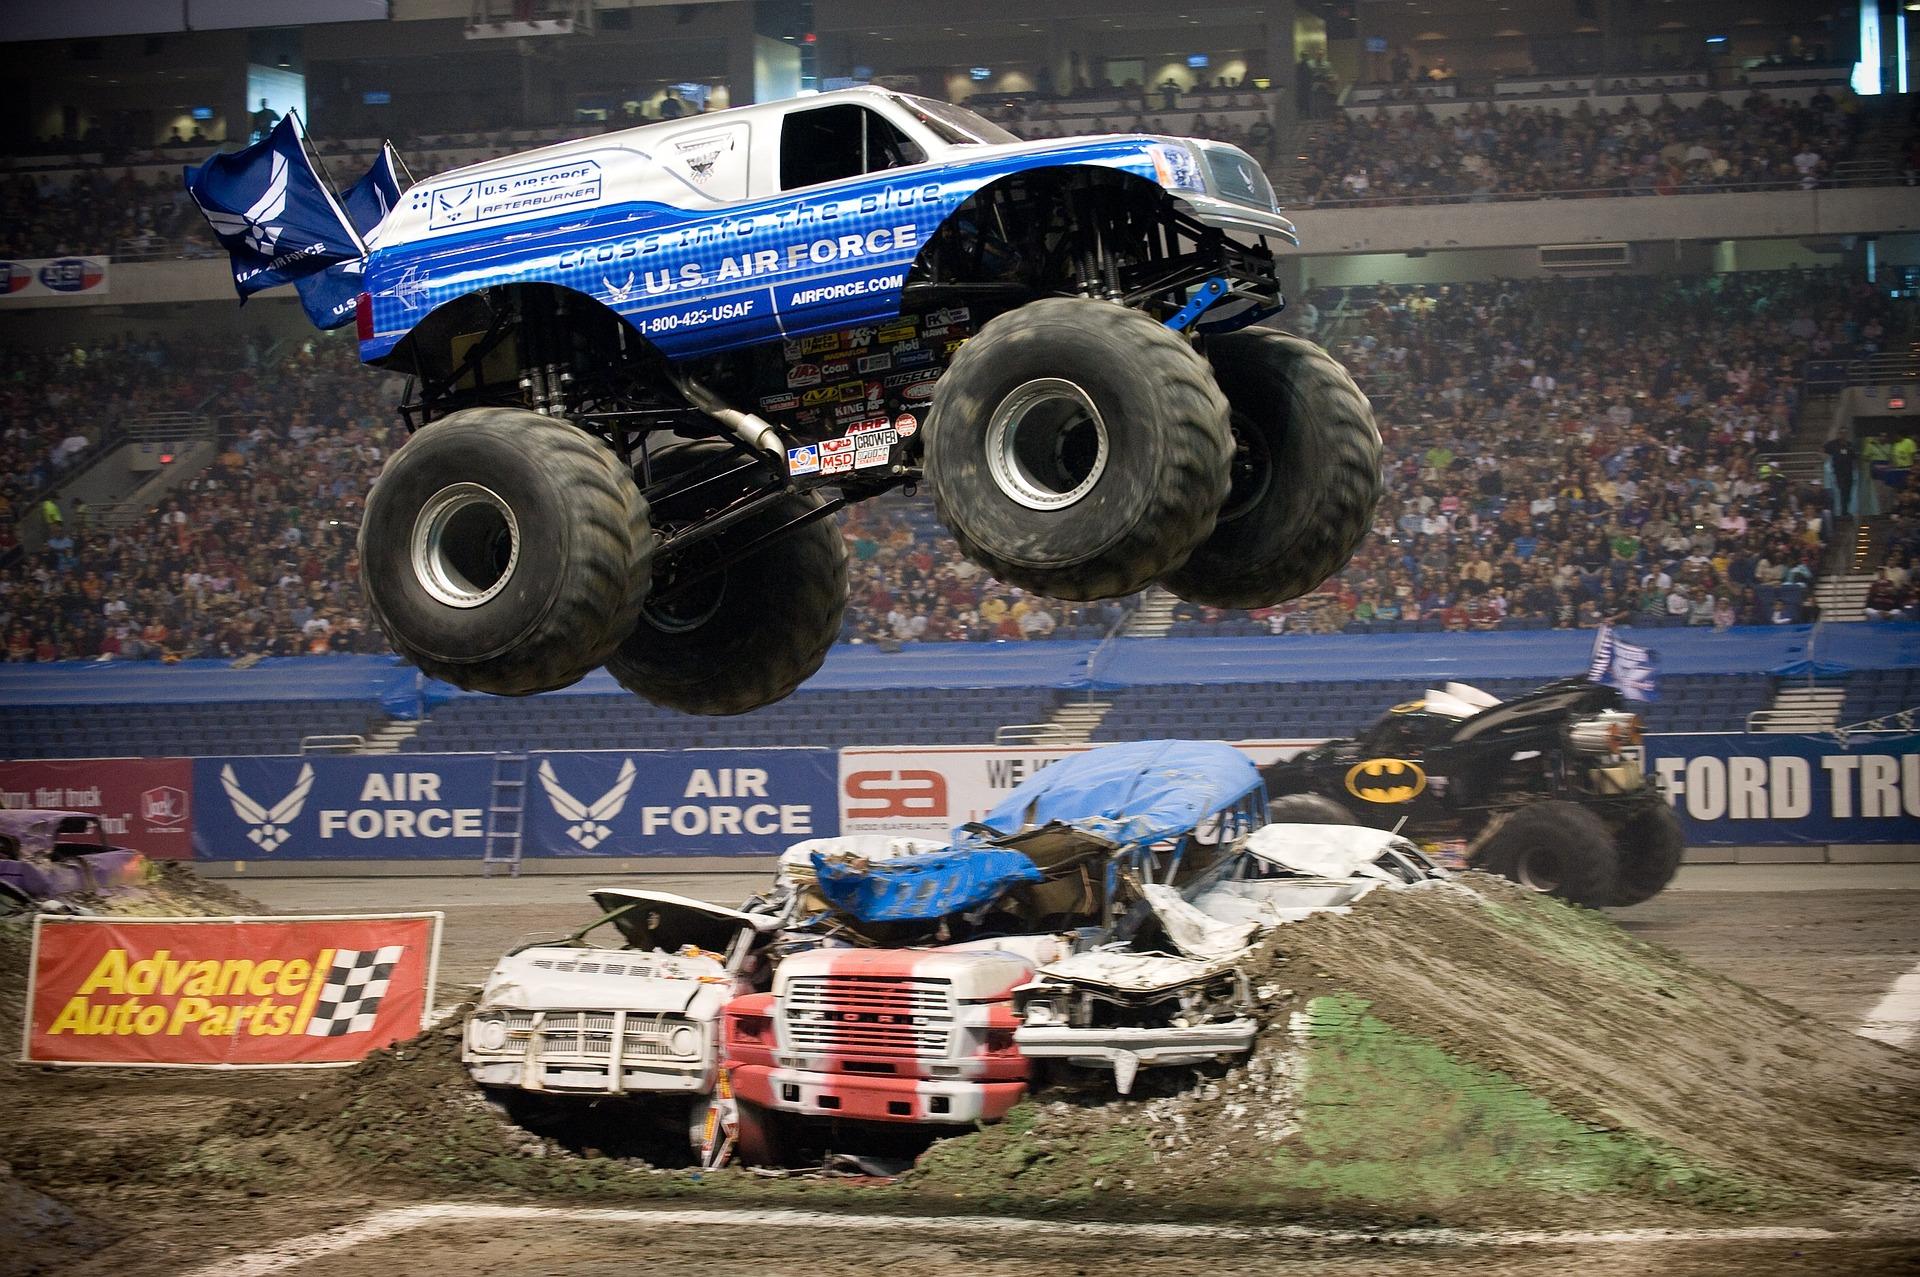 Die Monster-Truck Rennen